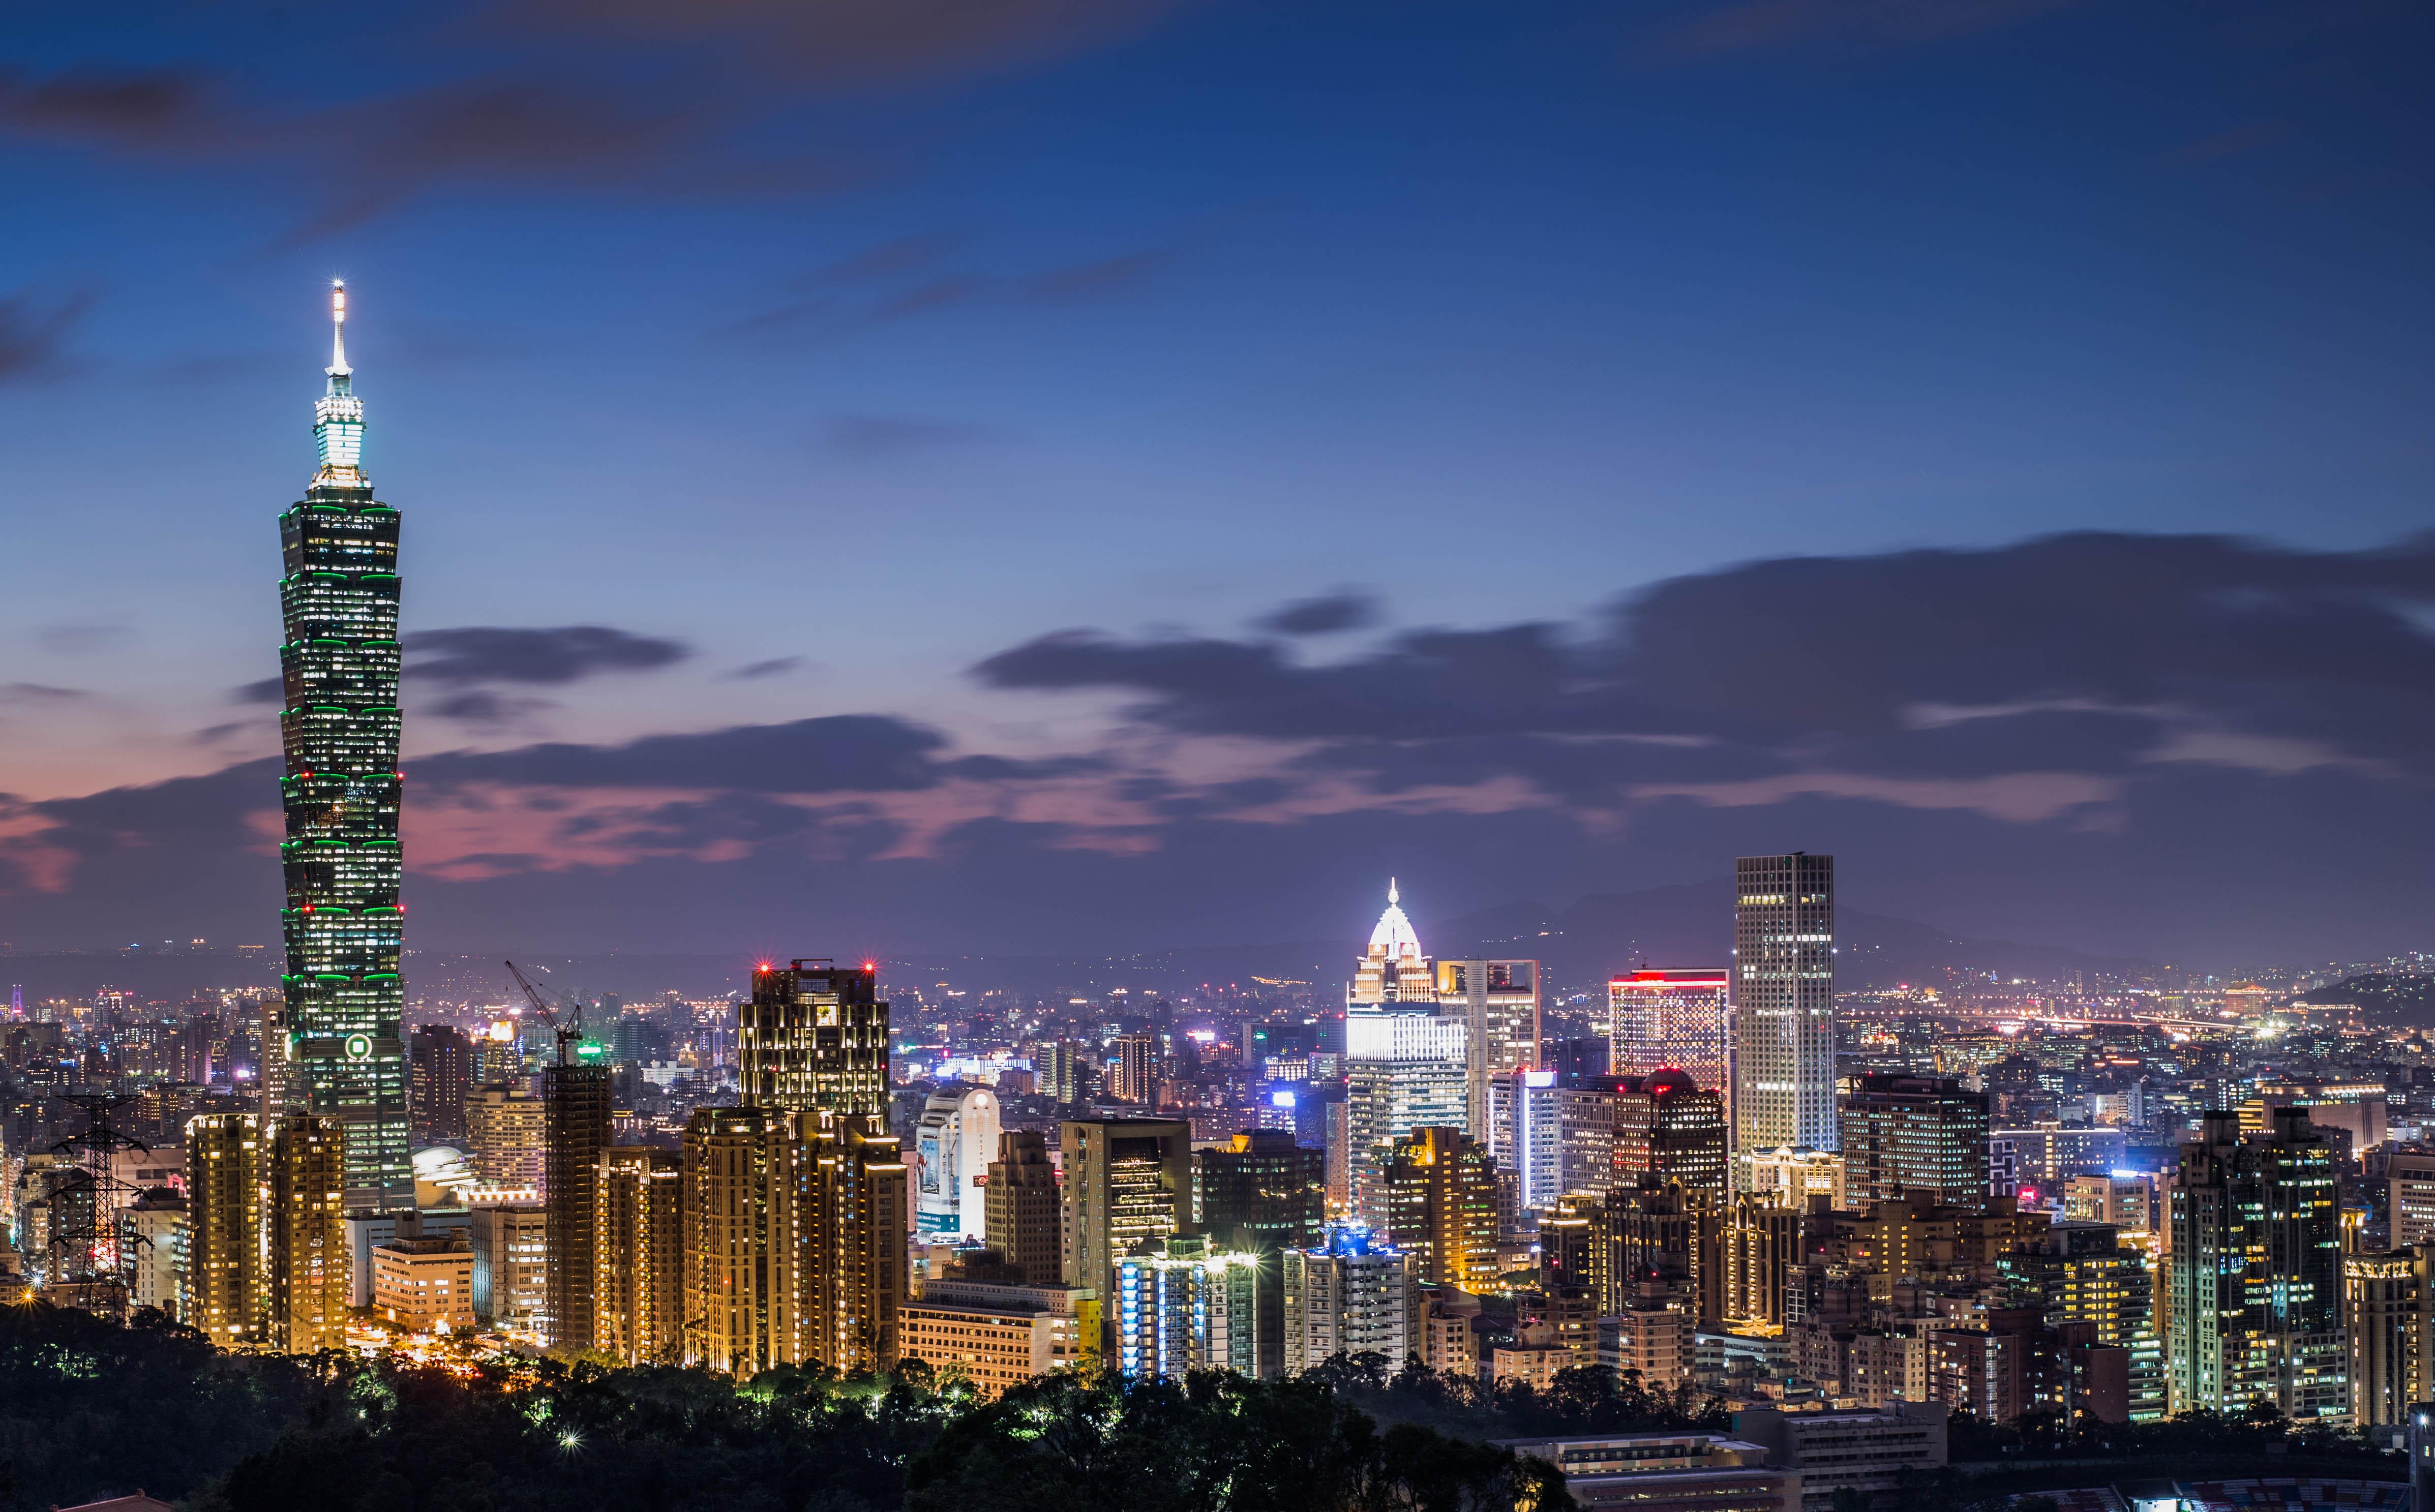 Archivo:Taipei Skyline 2015.jpg - Wikipedia, la enciclopedia libre